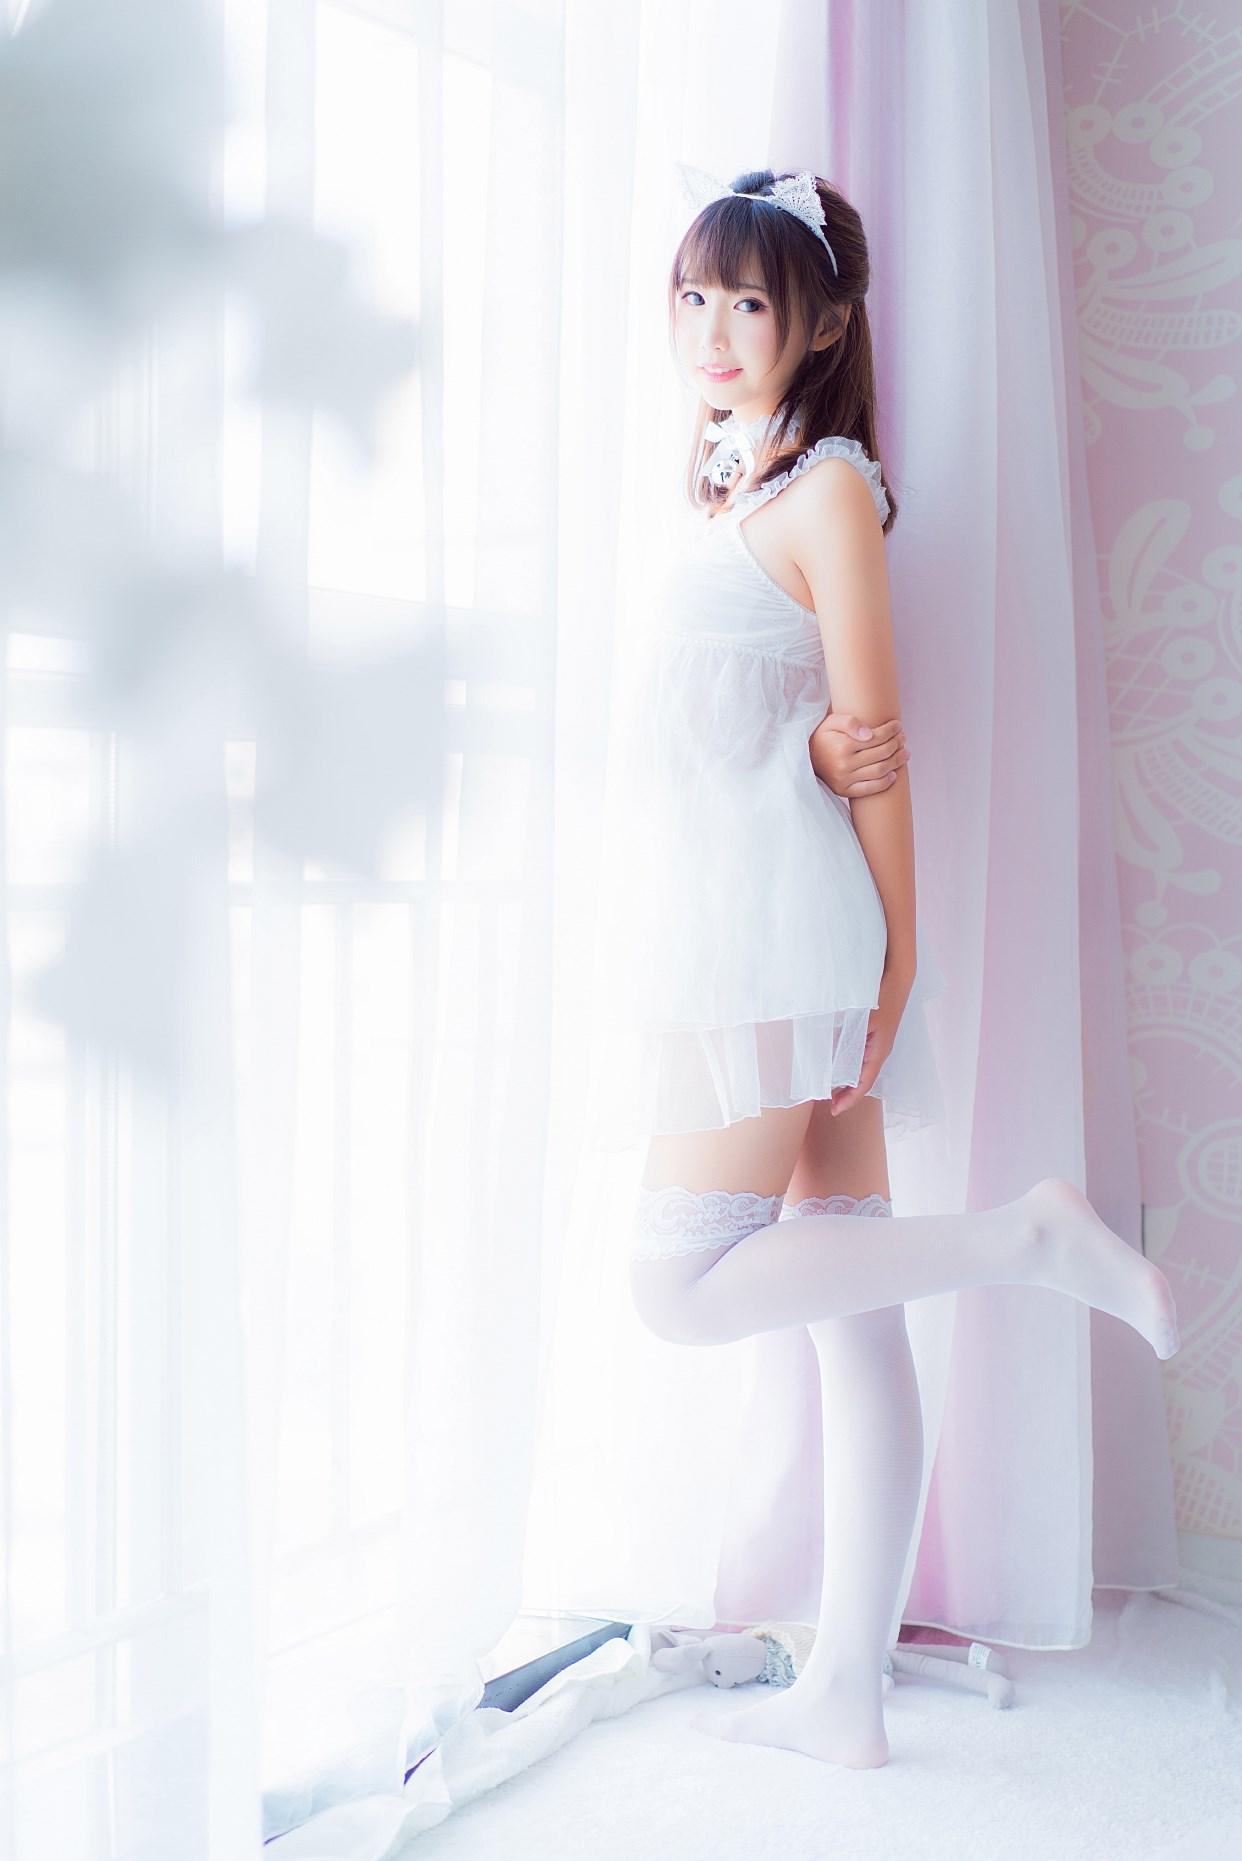 【兔玩映画】vol.12-吊带睡衣 兔玩映画 第40张